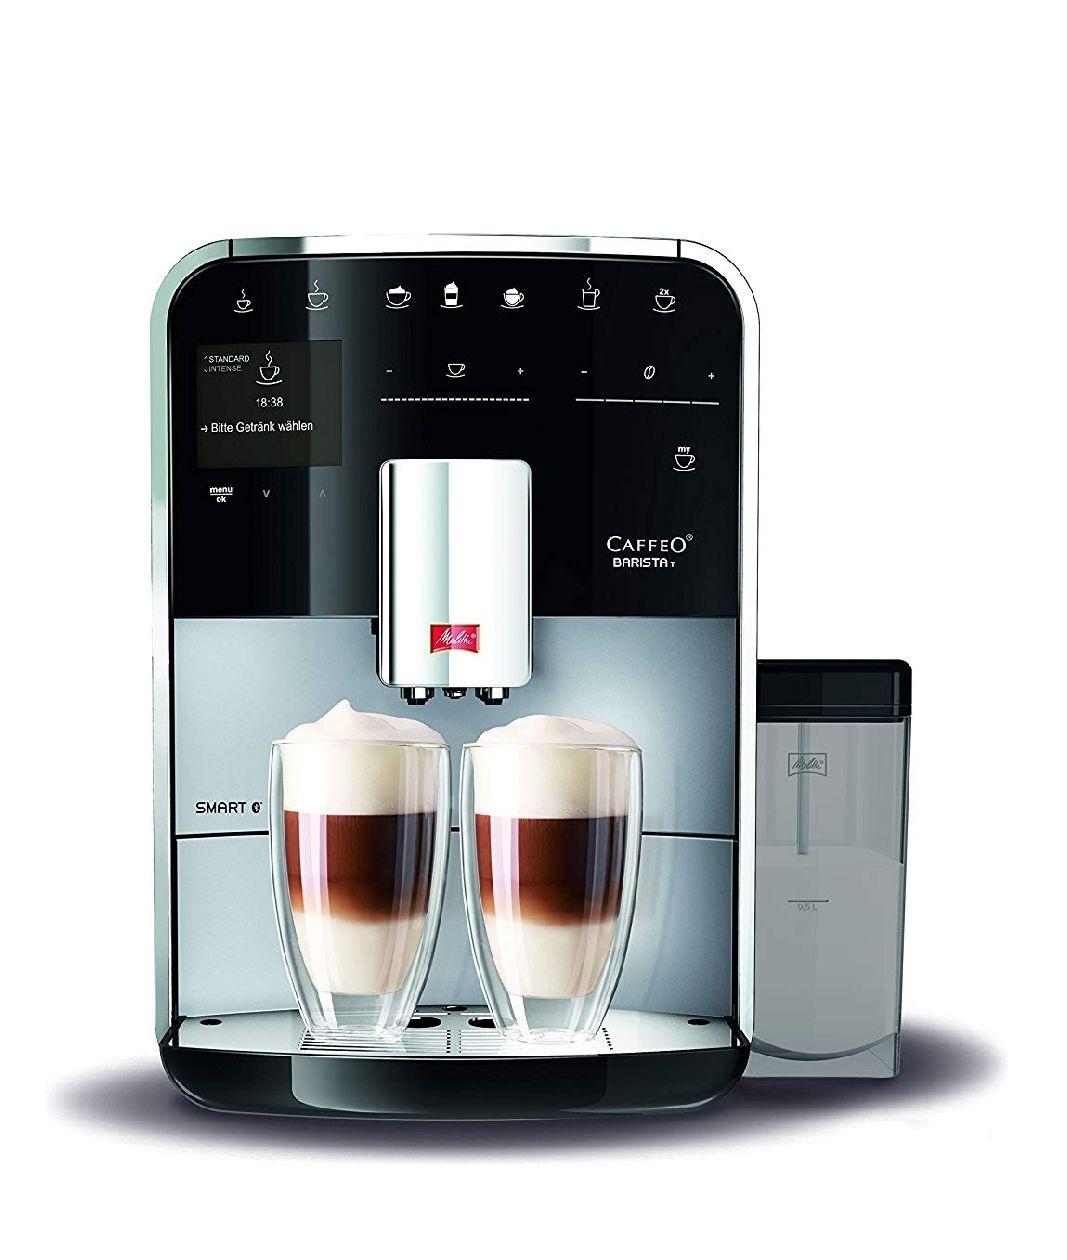 Amazon Prime - Melitta Caffeo Barista T Smart F830-101, Kaffeevollautomat mit Milchbehälter ( Ohne Milchbehälter 629,99€ )